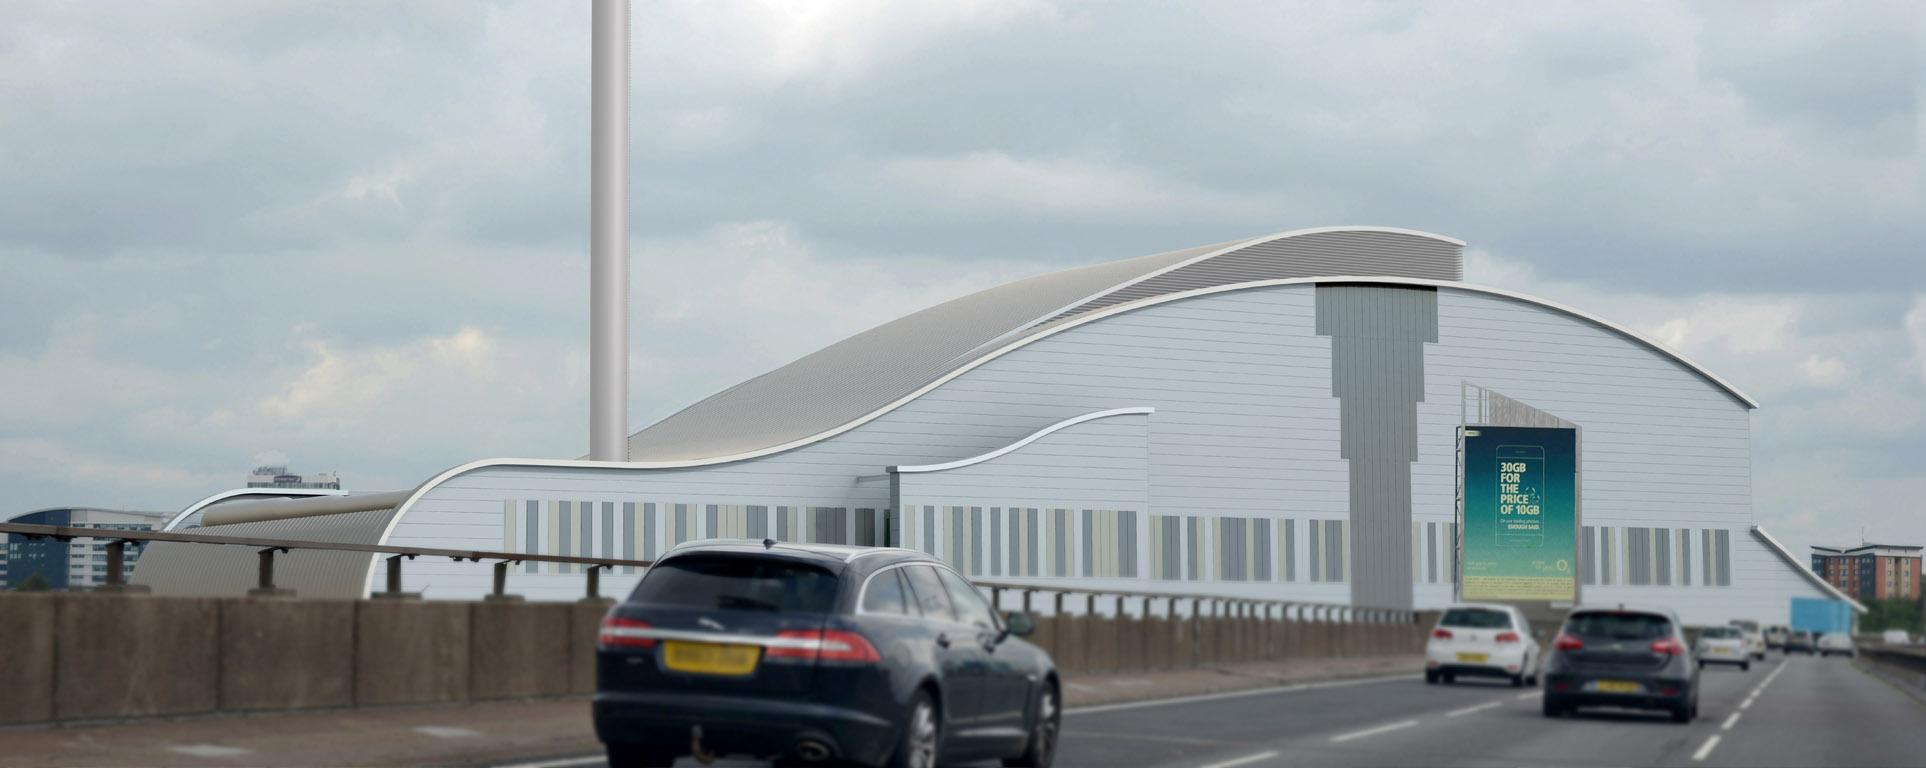 The Kelvin Facility